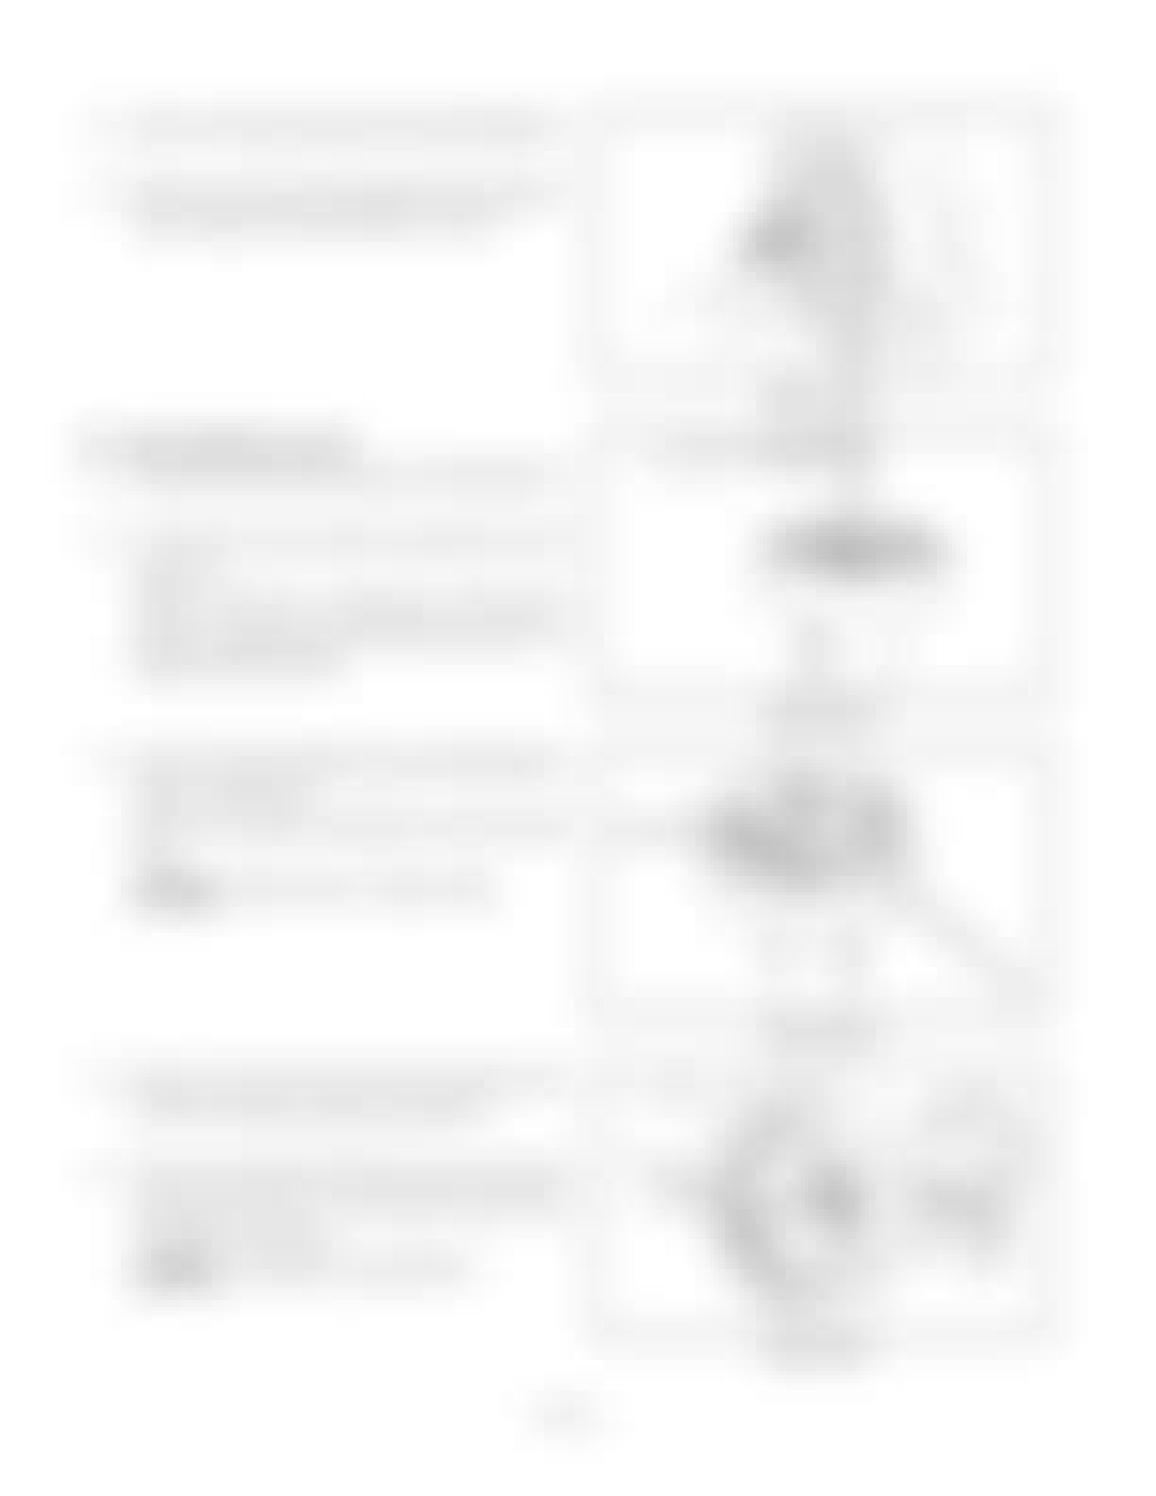 Hitachi LX110-7 LX130-7 LX160-7 LX190-7 LX230-7 Wheel Loader Workshop Manual - PDF DOWNLOAD page 156